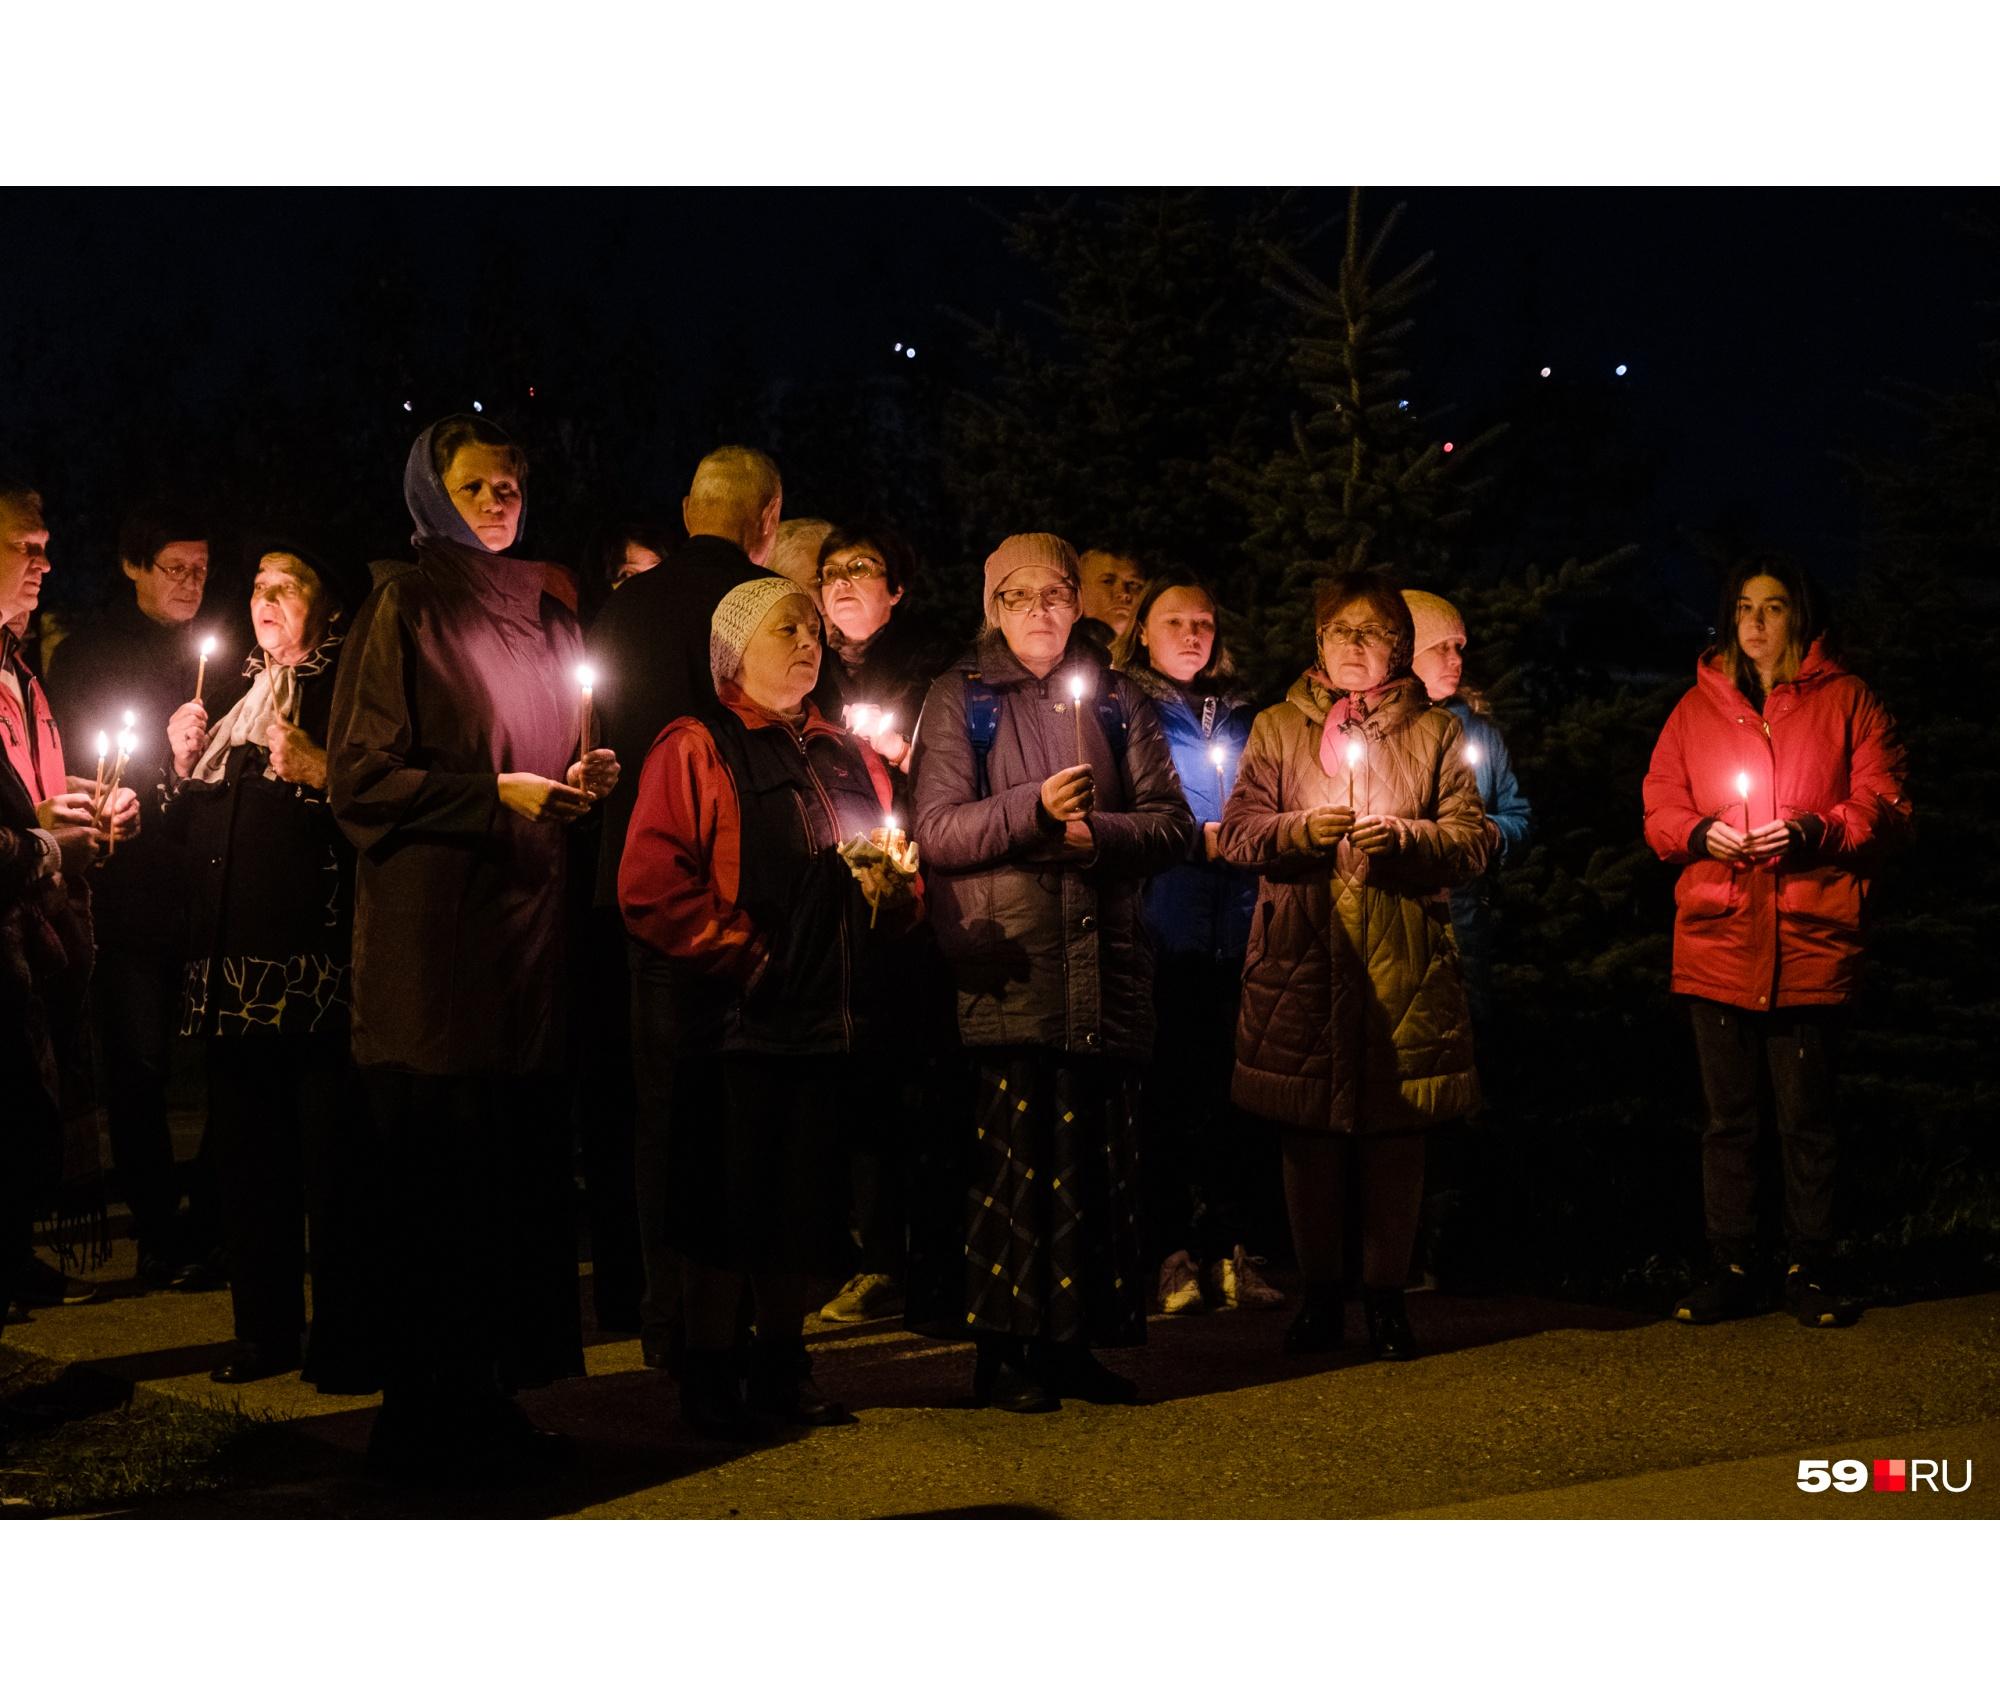 Люди зажгли свечи в память о тех, кто погиб